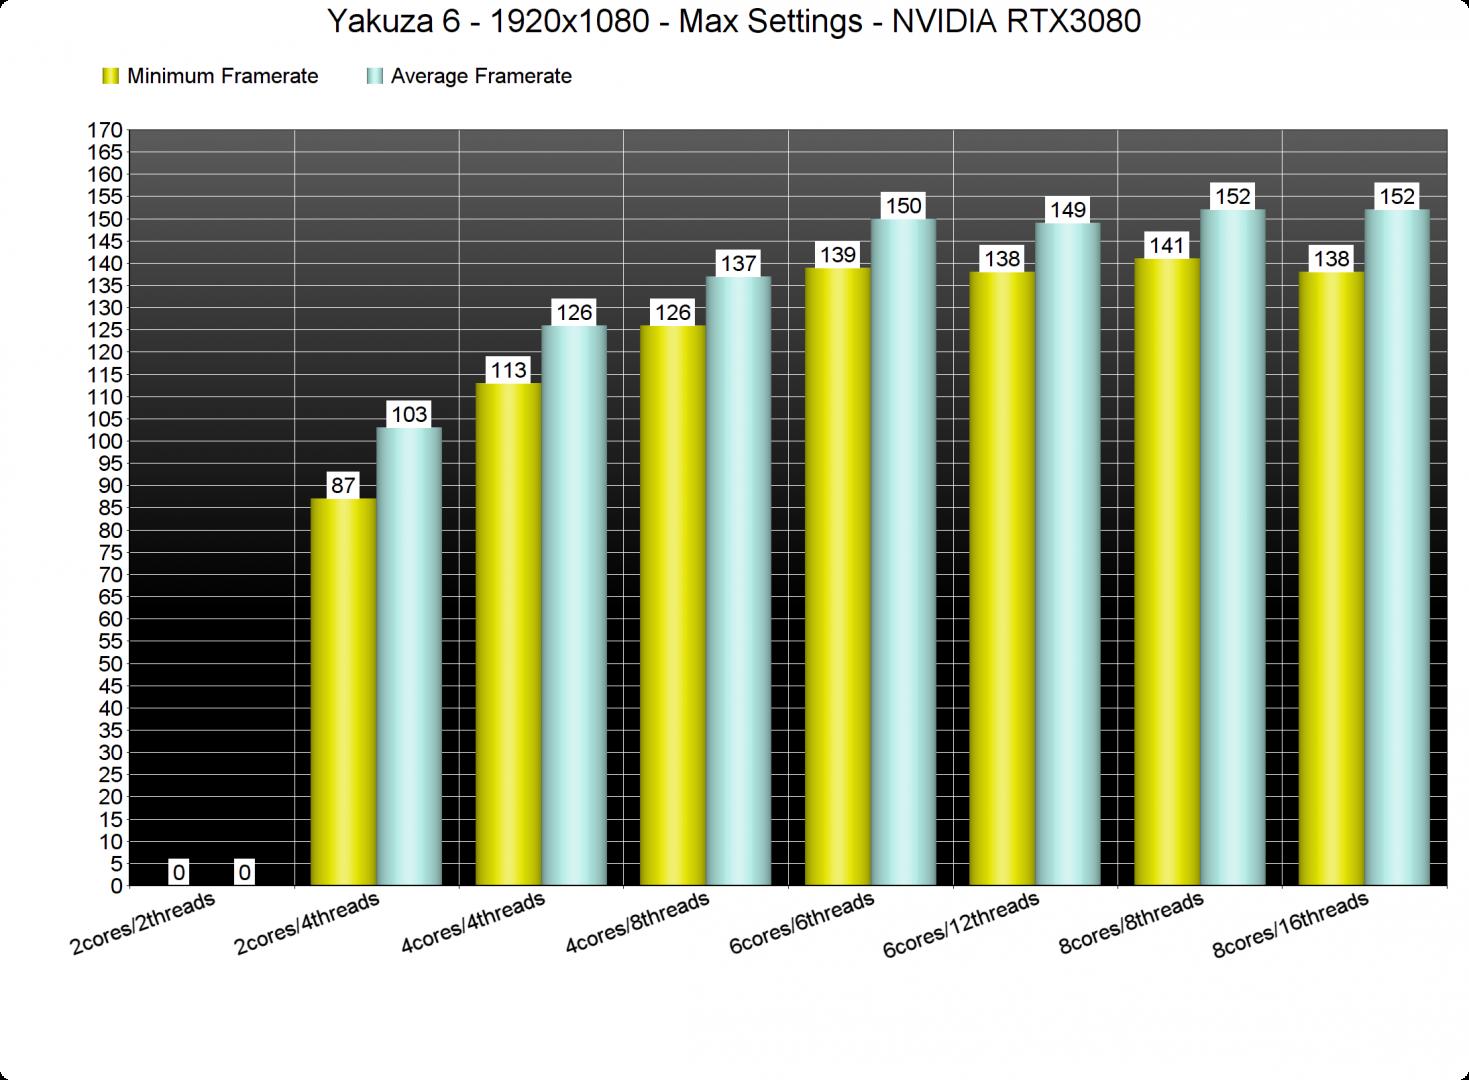 Yakuza 6 CPU benchmarks